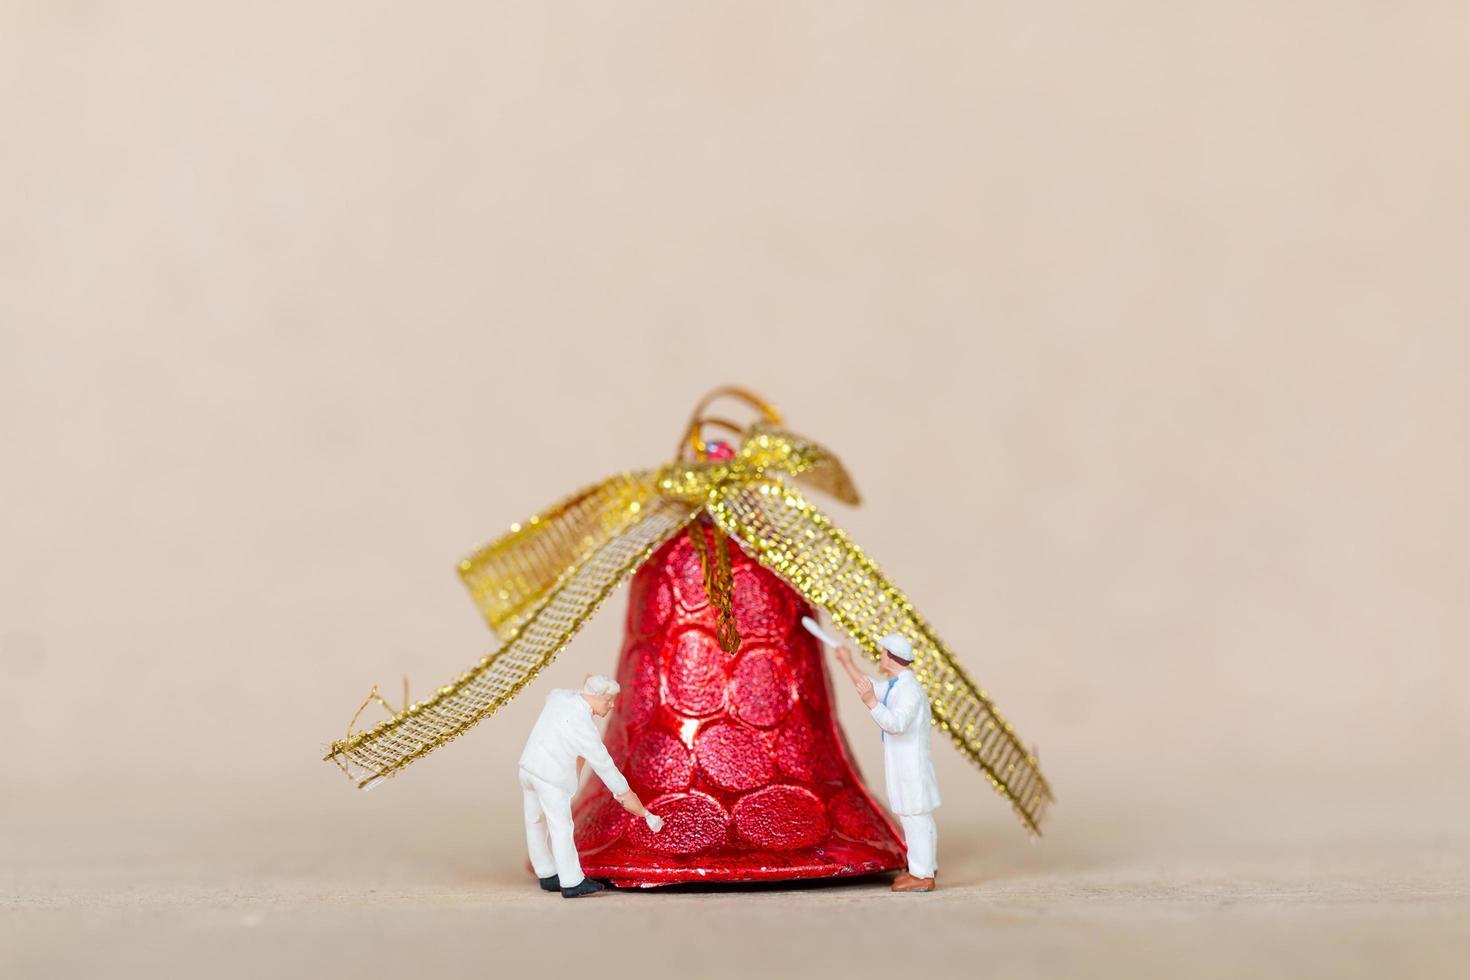 Trabajadores en miniatura pintando una decoración navideña, navidad y feliz año nuevo concepto foto